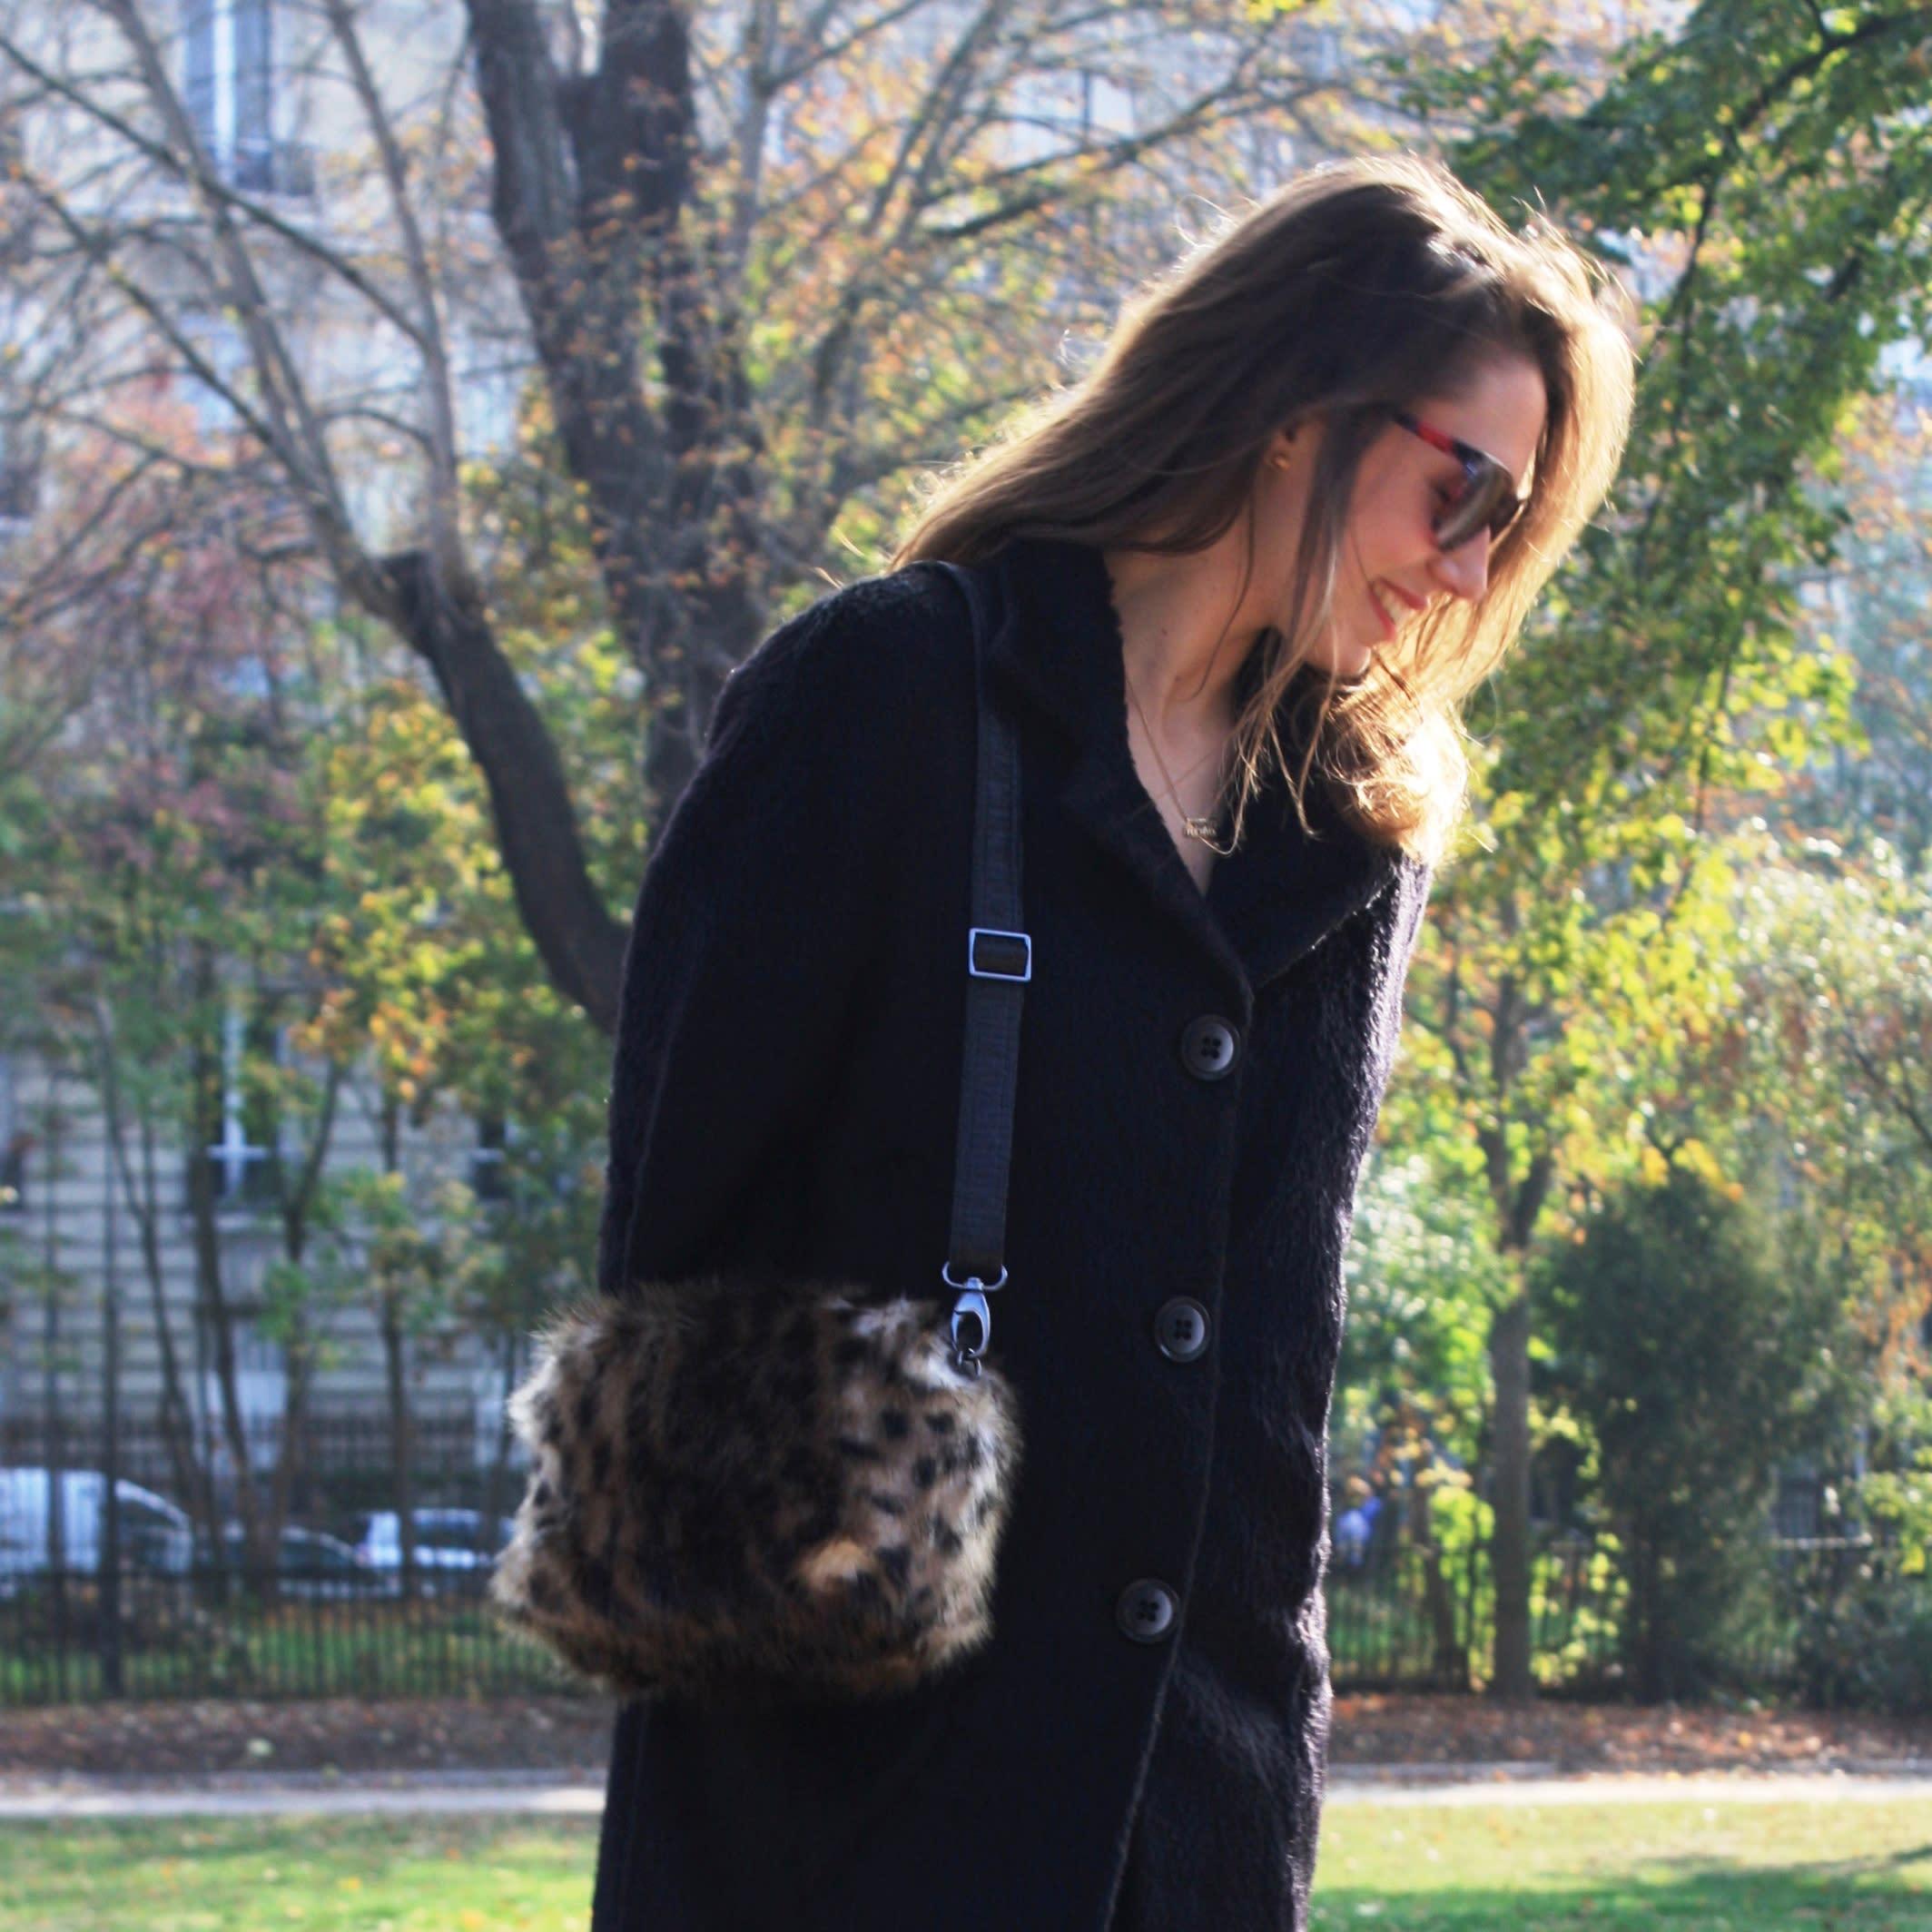 Petit sac à main léopard en fausse fourrure avec bandoulière amovible.